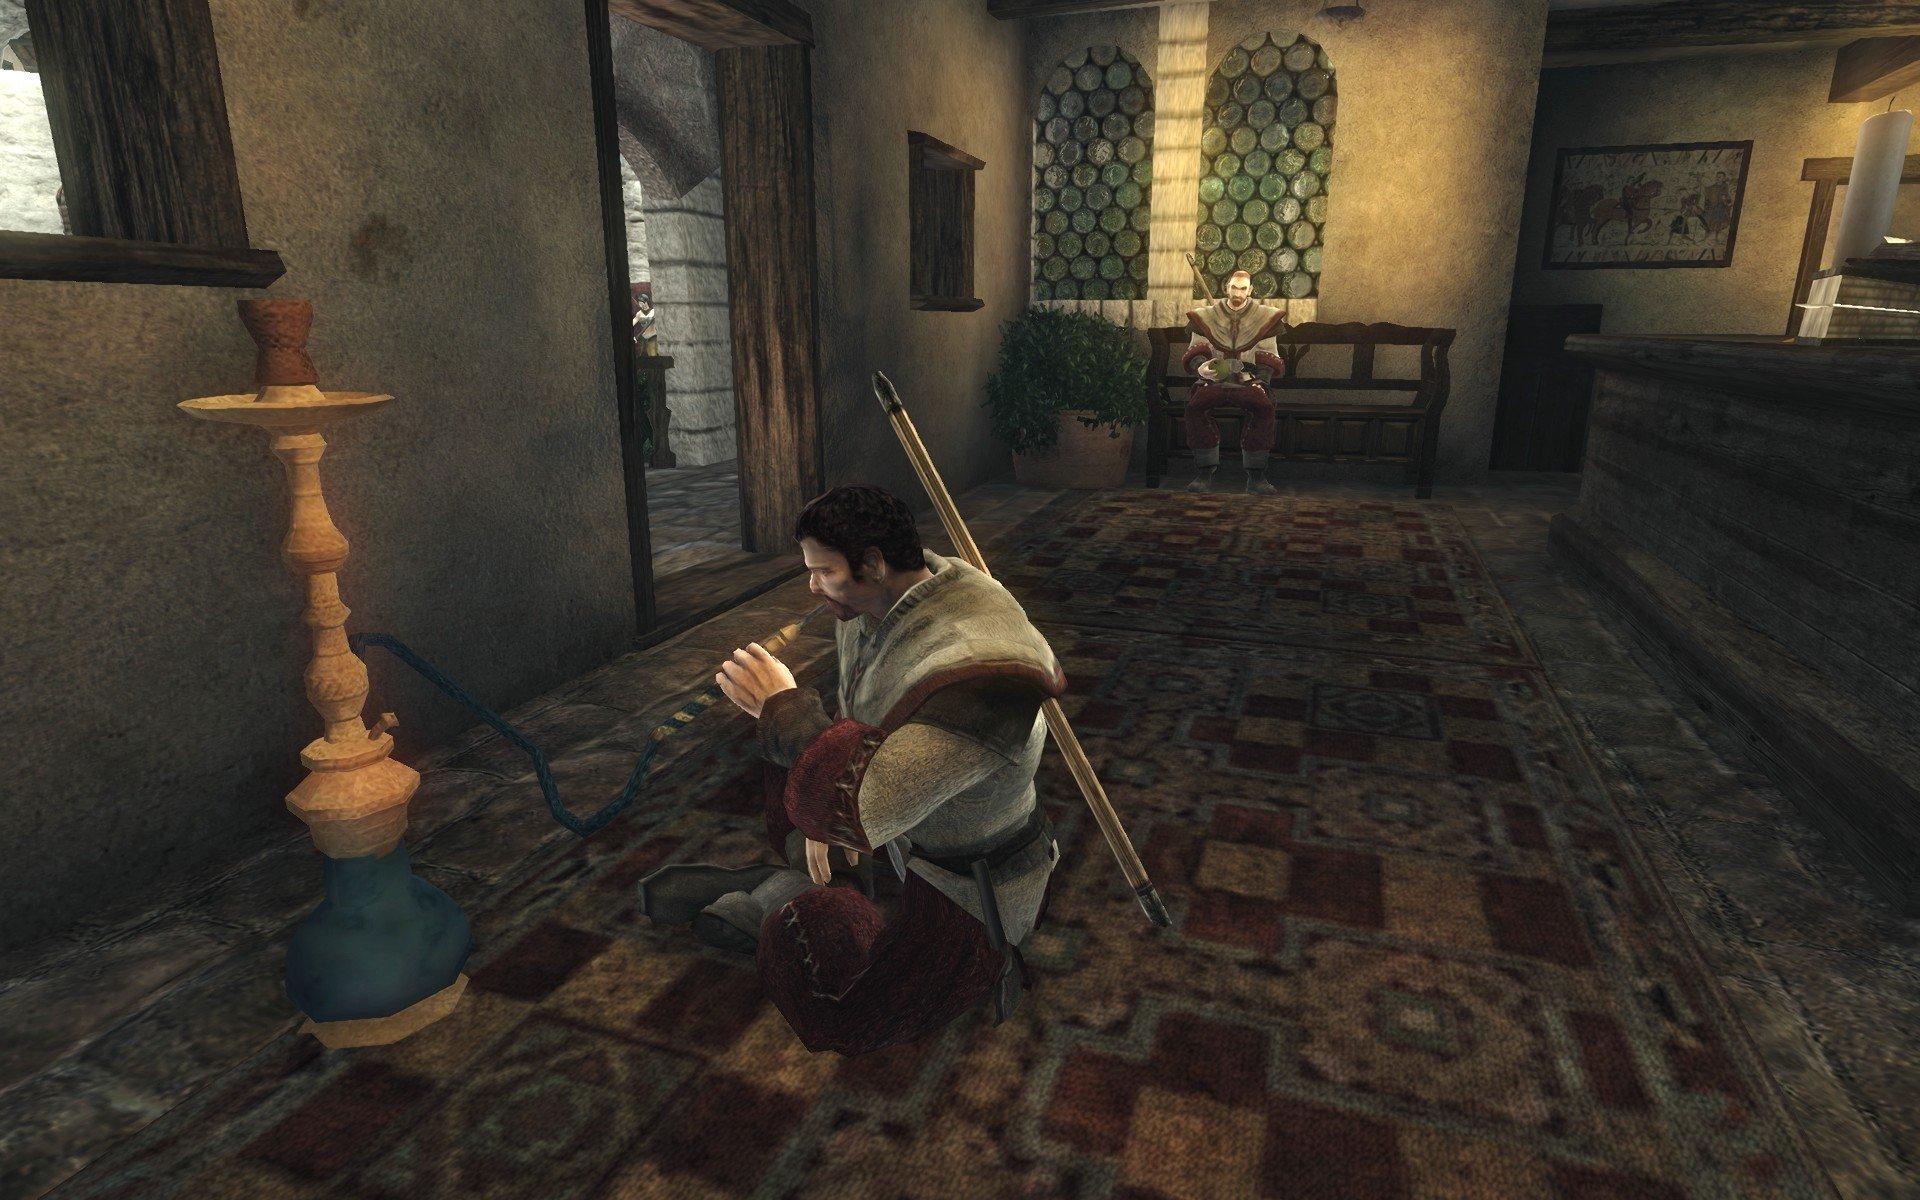 World of risen home screenshots pc da ist nur tabak - Gothic adventskalender ...